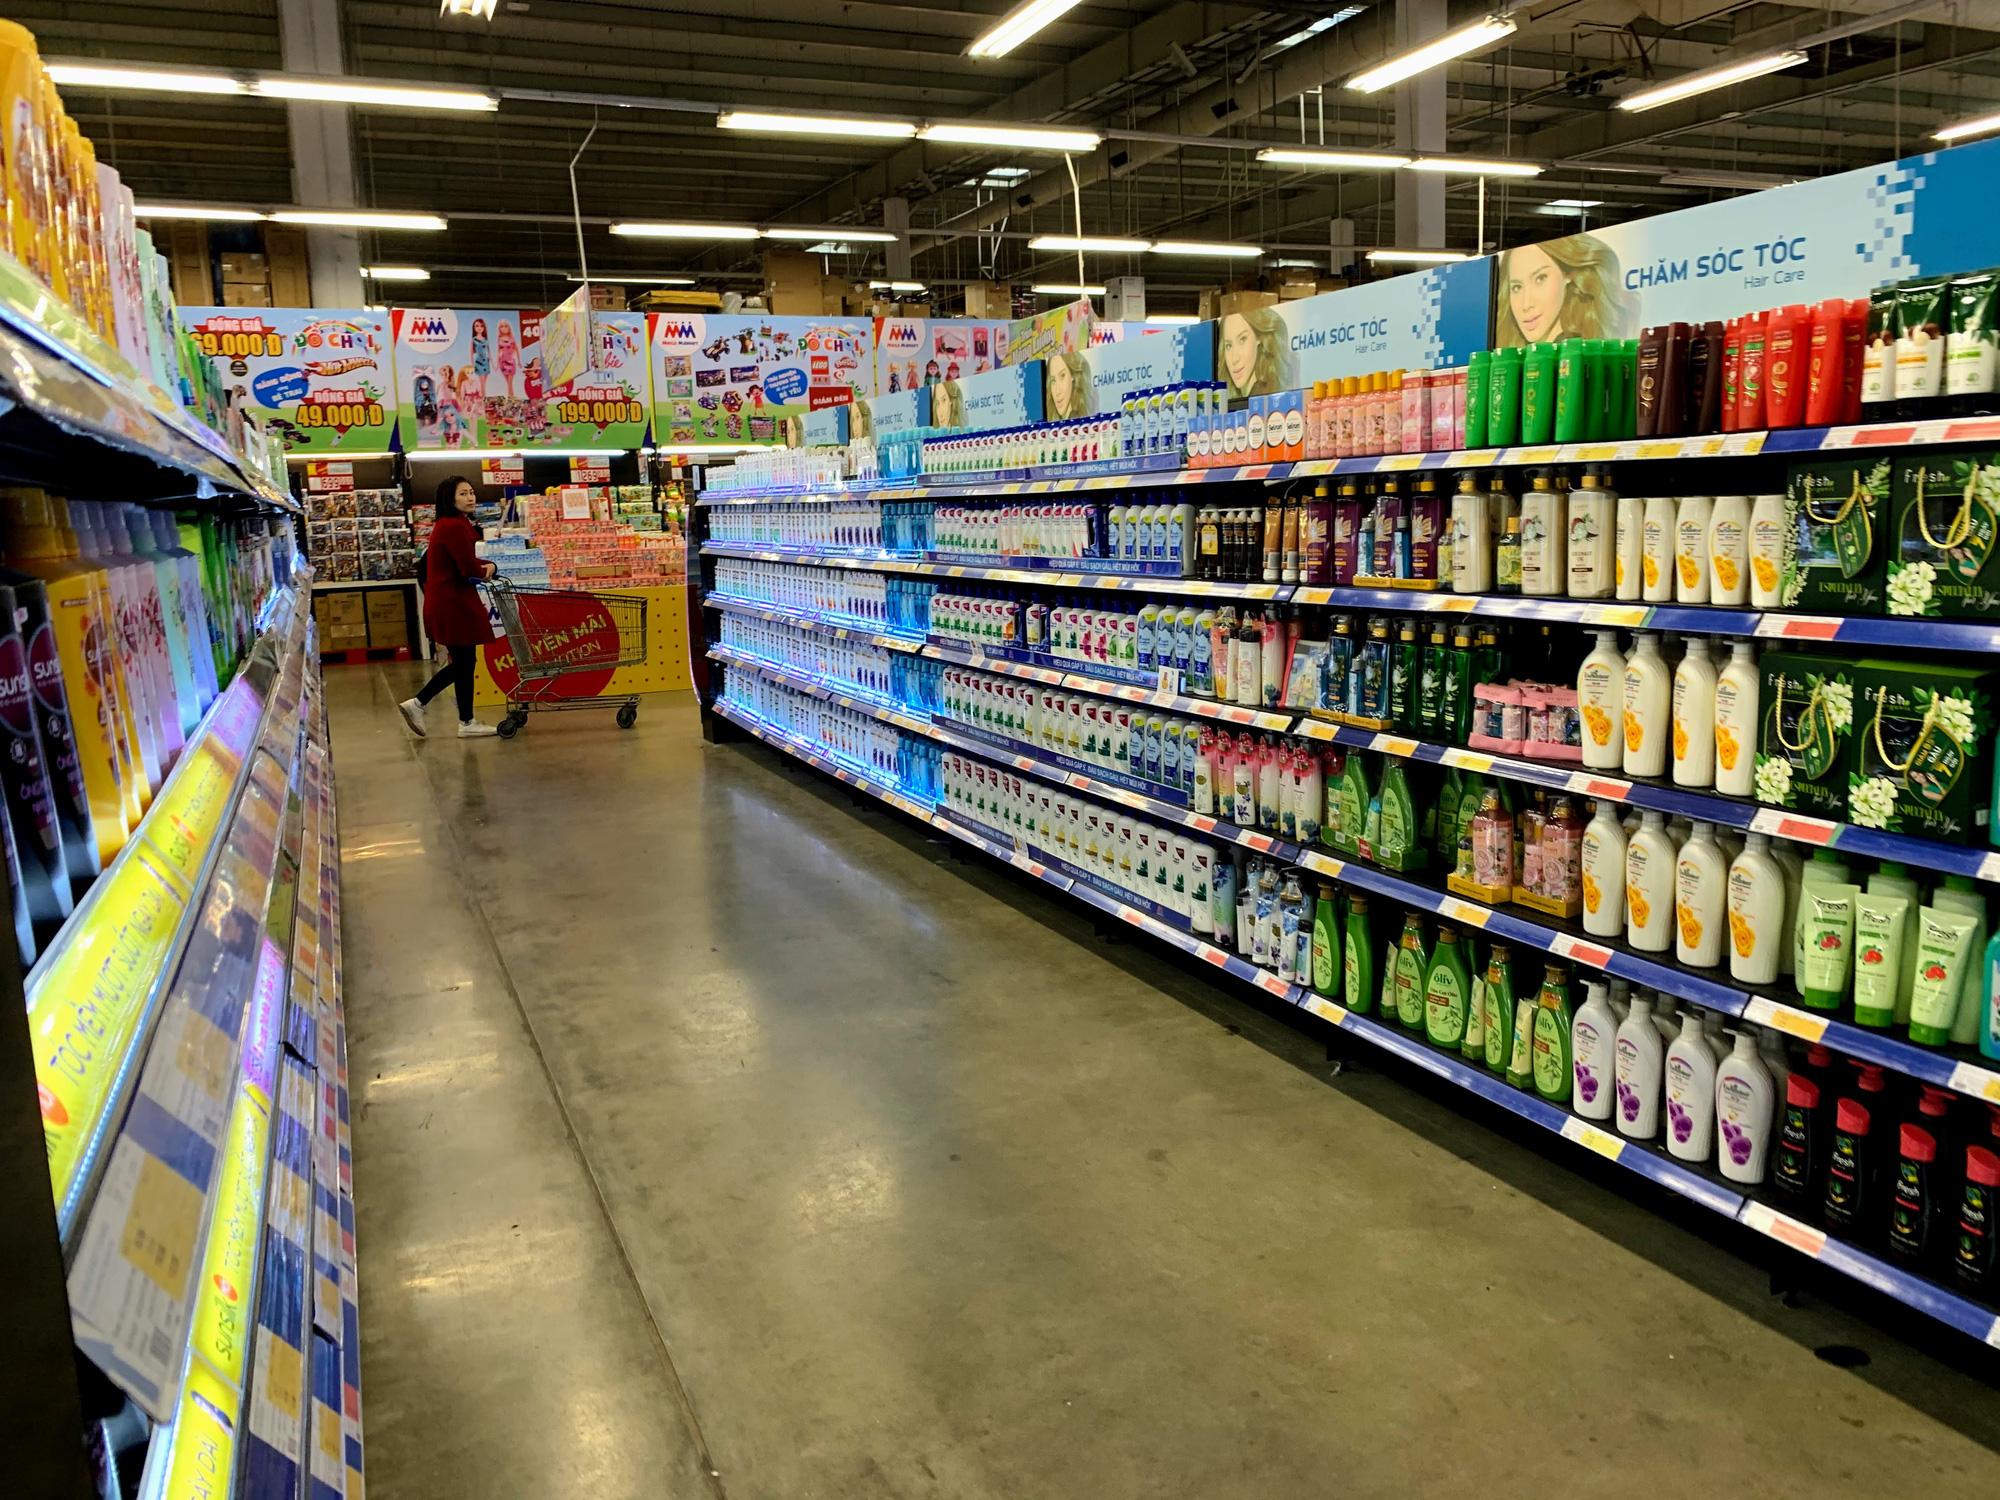 Hàng hoá trở lại đầy ắp trong siêu thị, người dân thảnh thơi mua sắm - Ảnh 7.